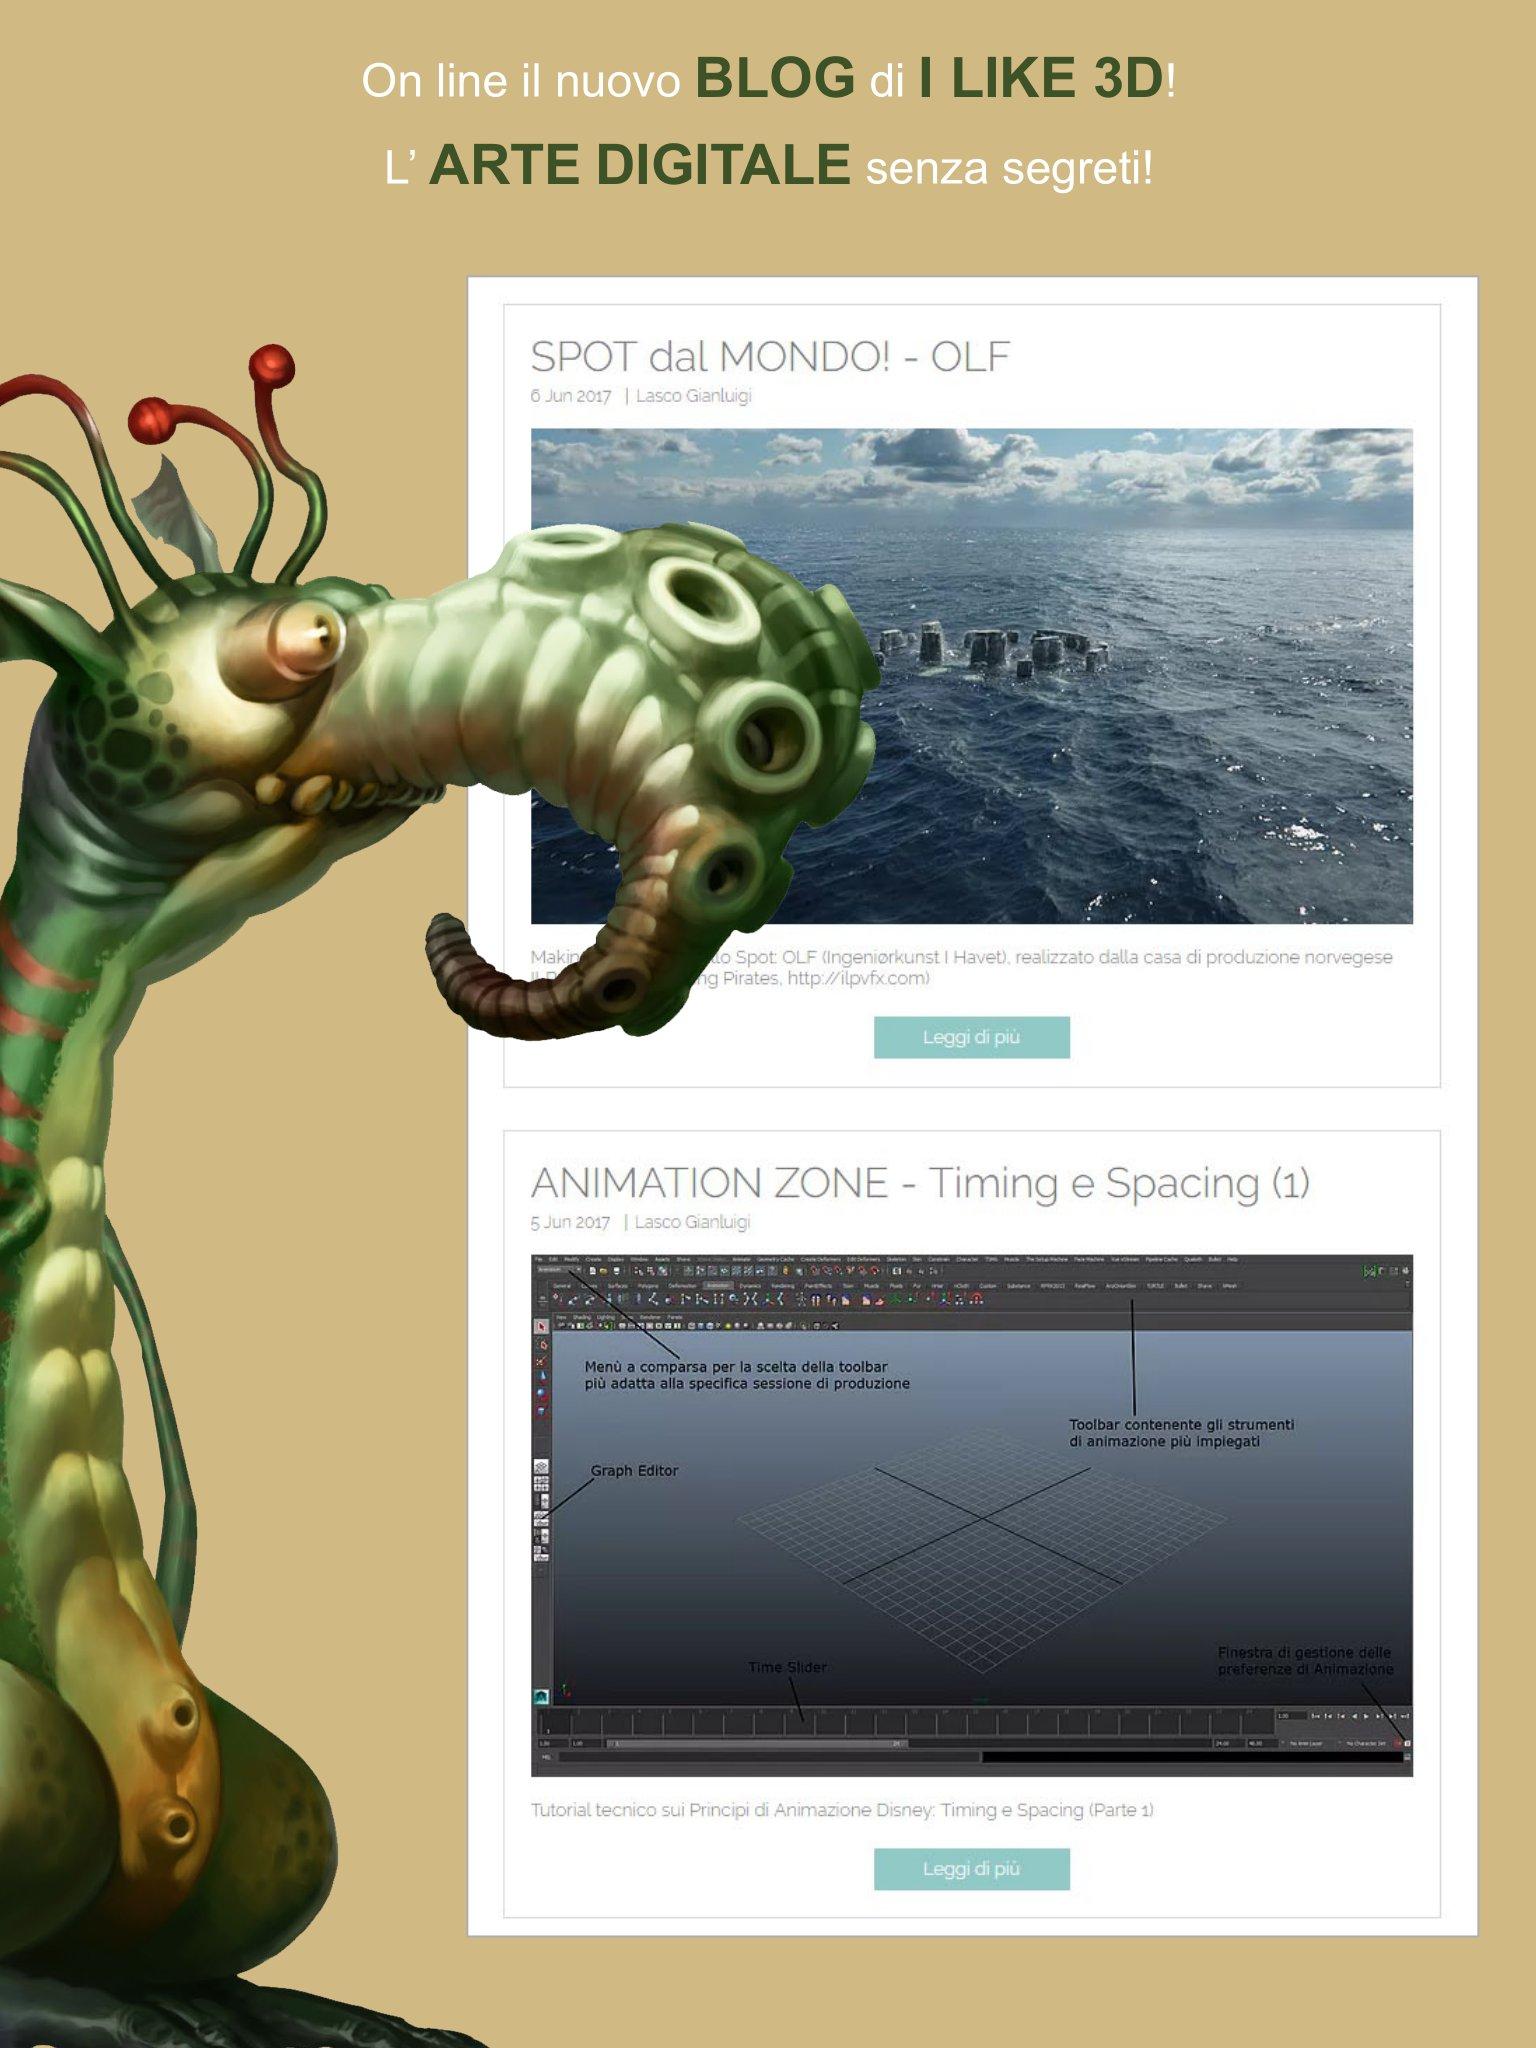 Blog I LIKE 3D